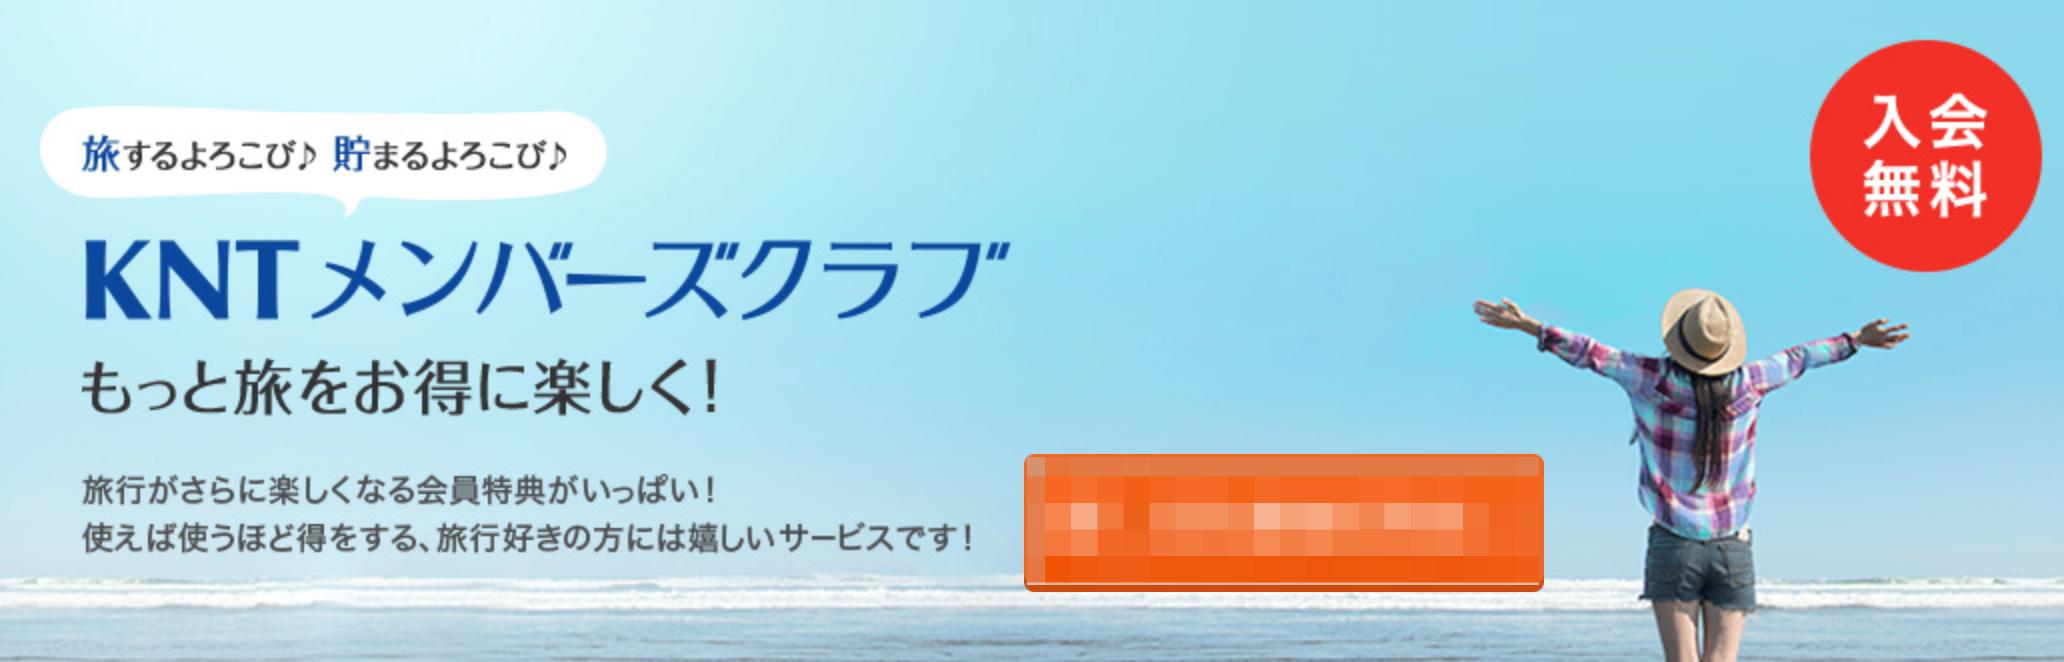 近畿日本ツーリストの会員制度のトップページ